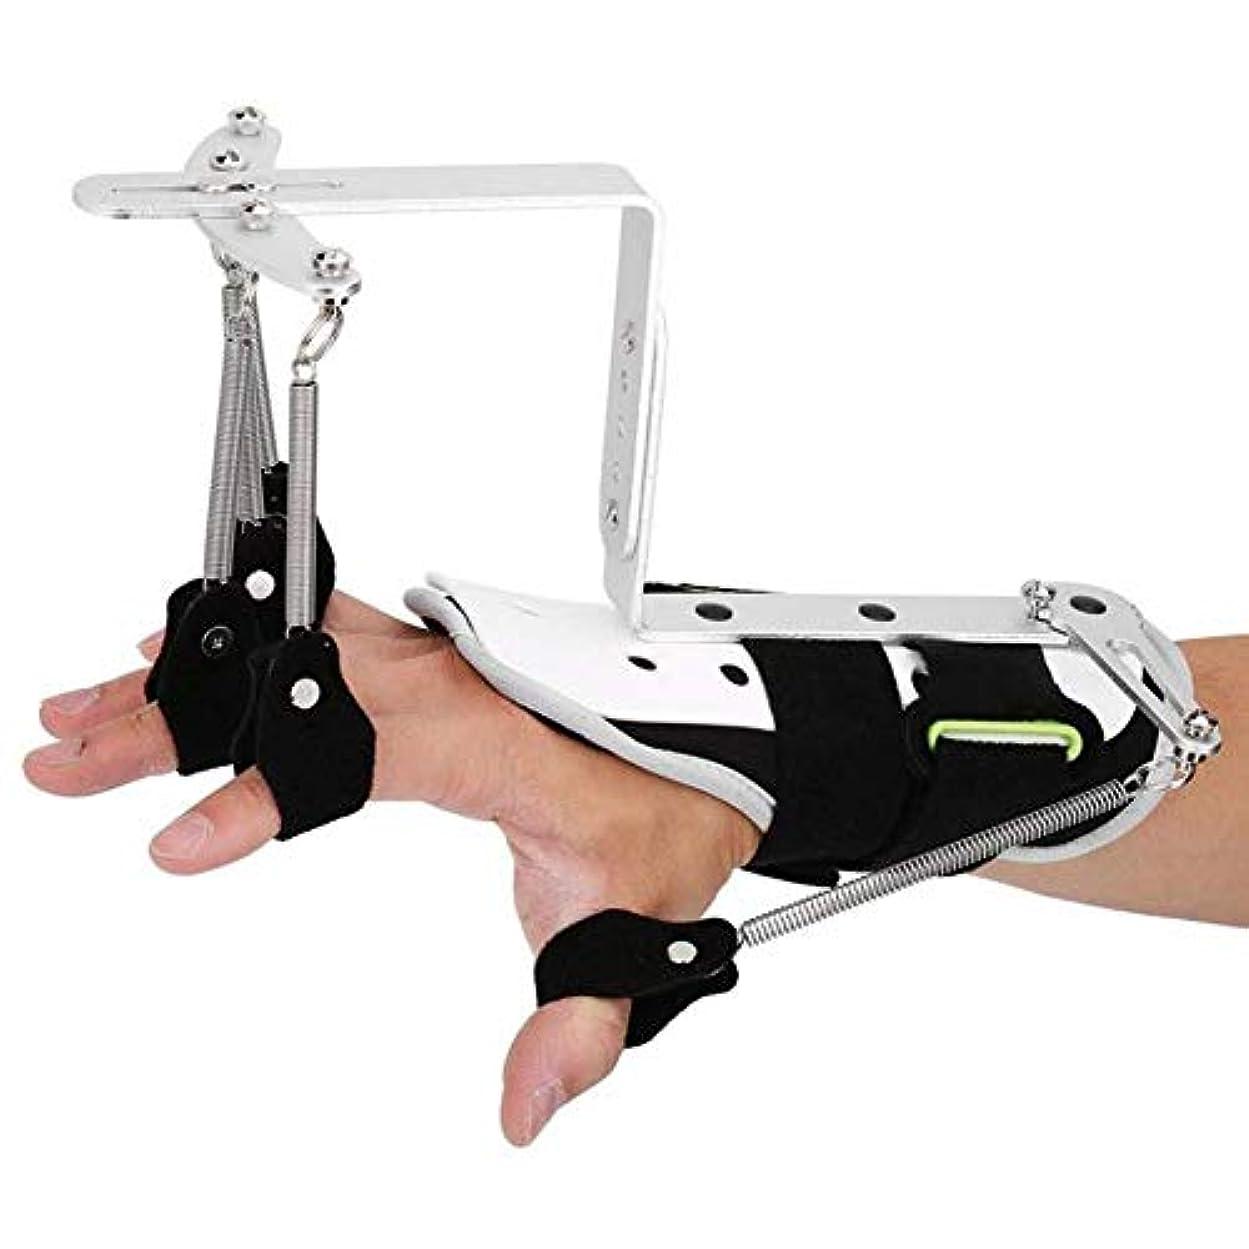 シアー知り合いになる残酷な脳卒中片麻痺患者のための指損傷サポート、指手首関節矯正トレーニングサポート